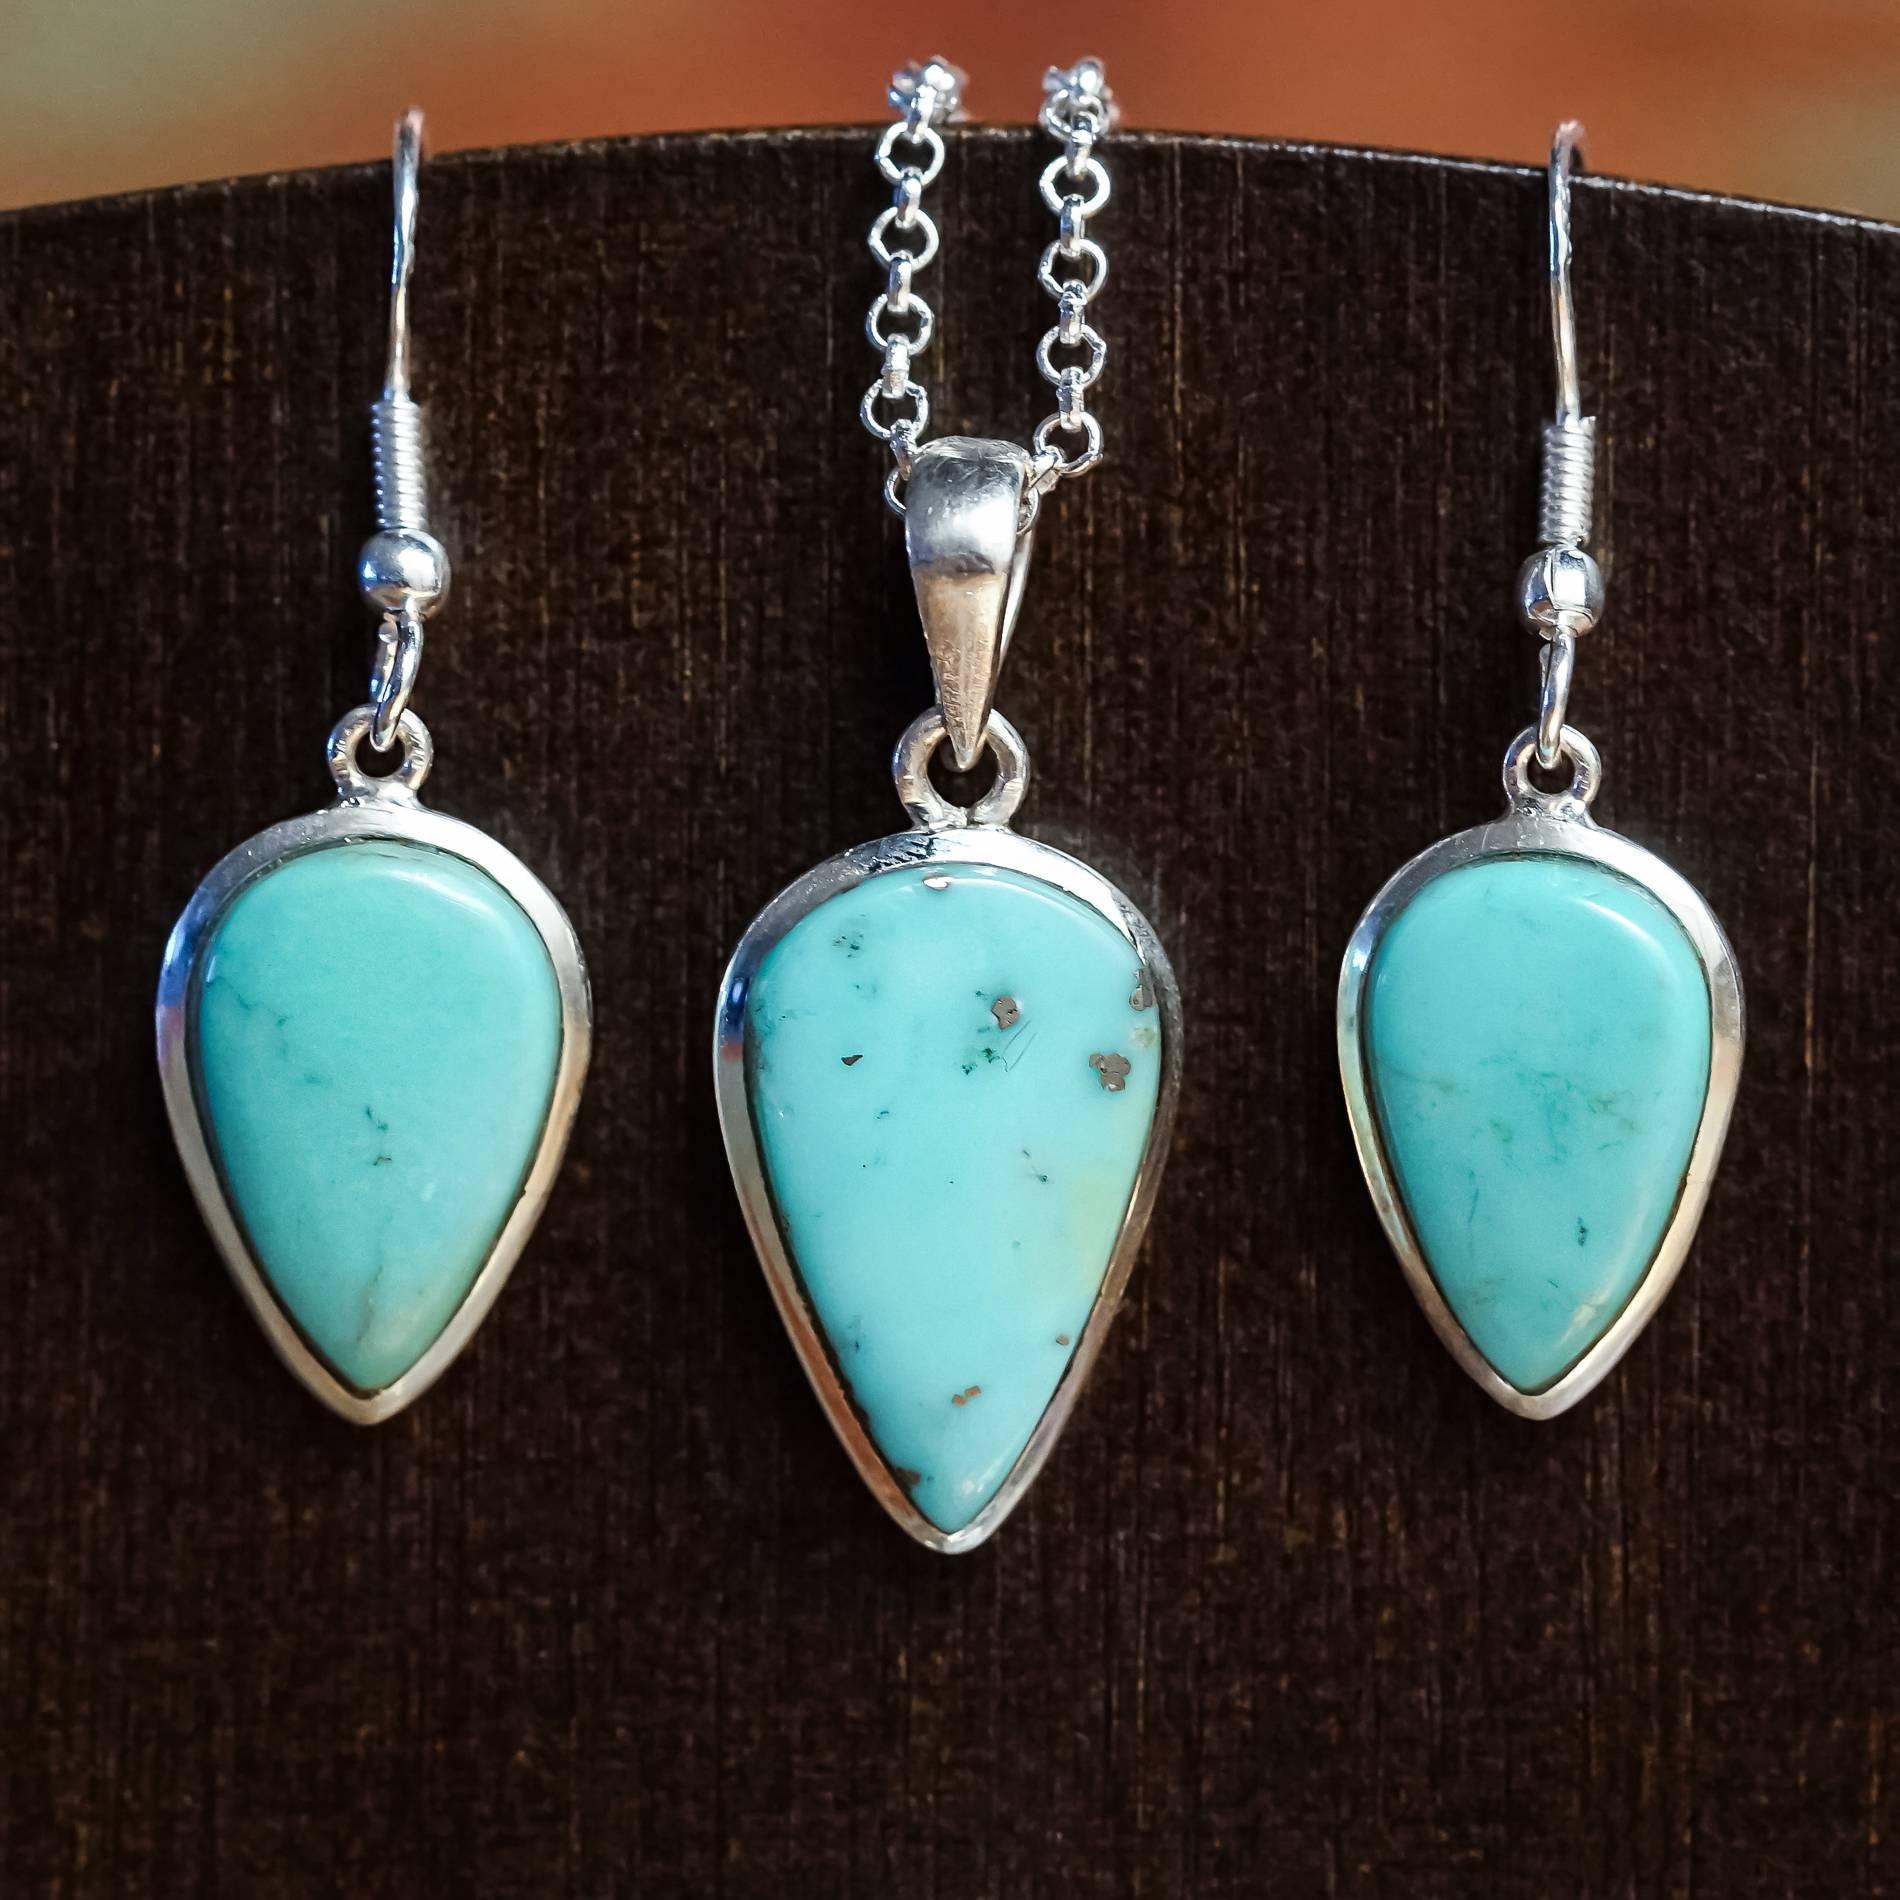 sleeping beauty turquoise earring and pendant set